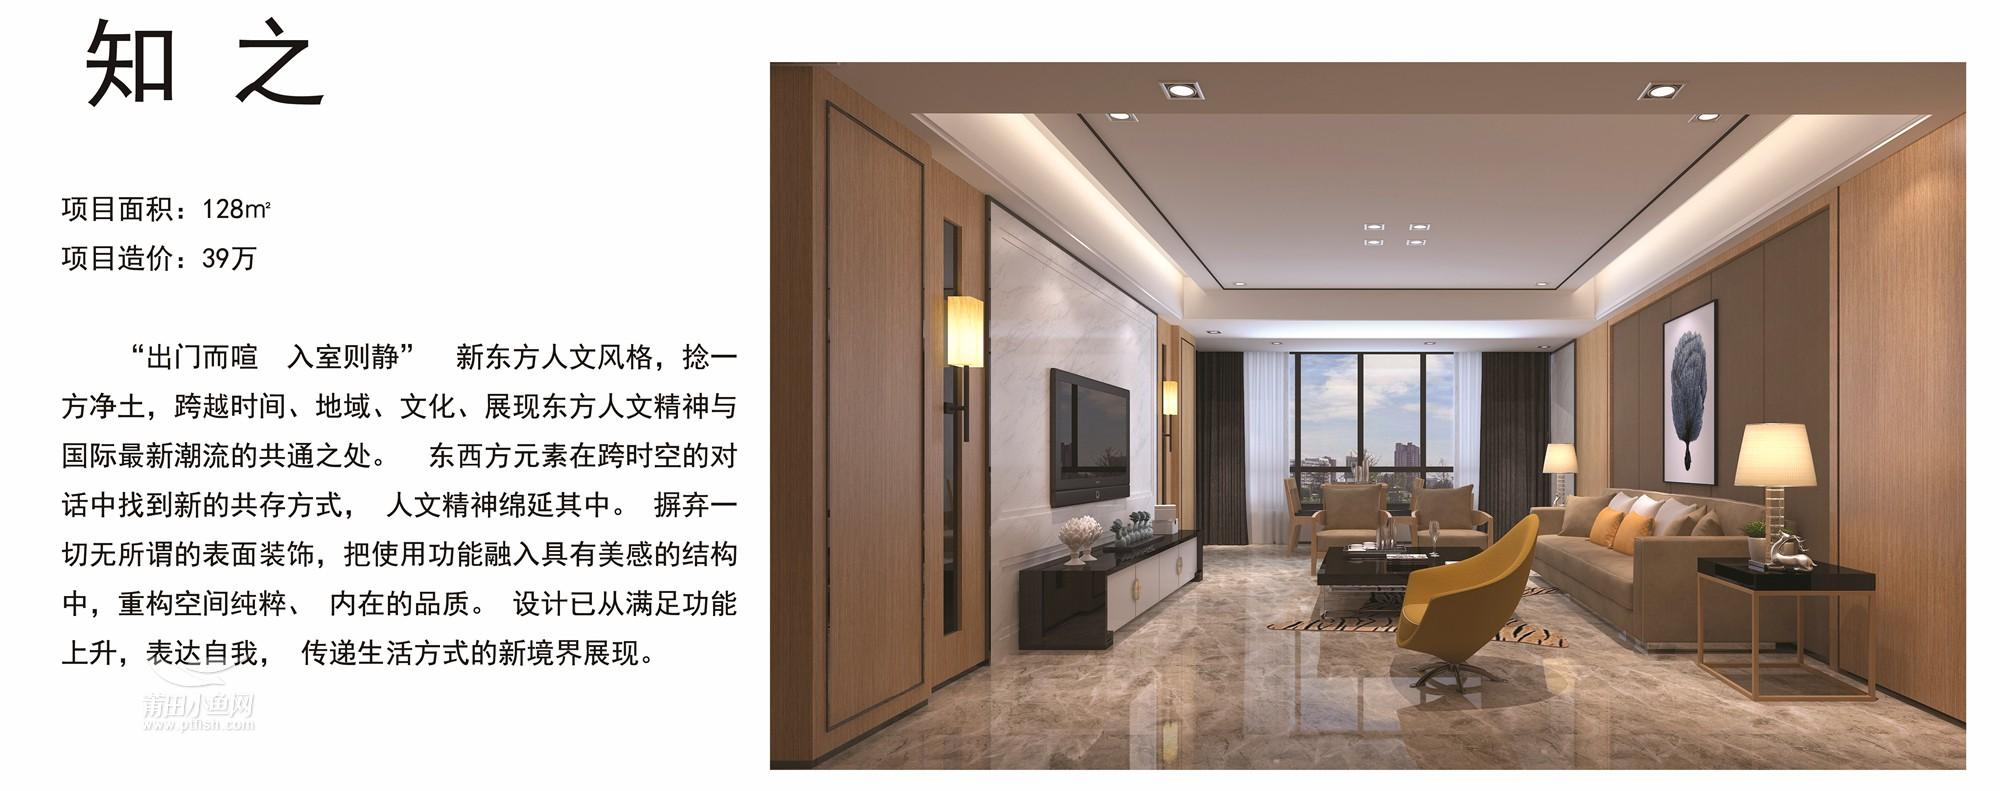 红星杯莆田市第三届室内设计v家装家装优秀奖一层南北通透房屋设计图图片